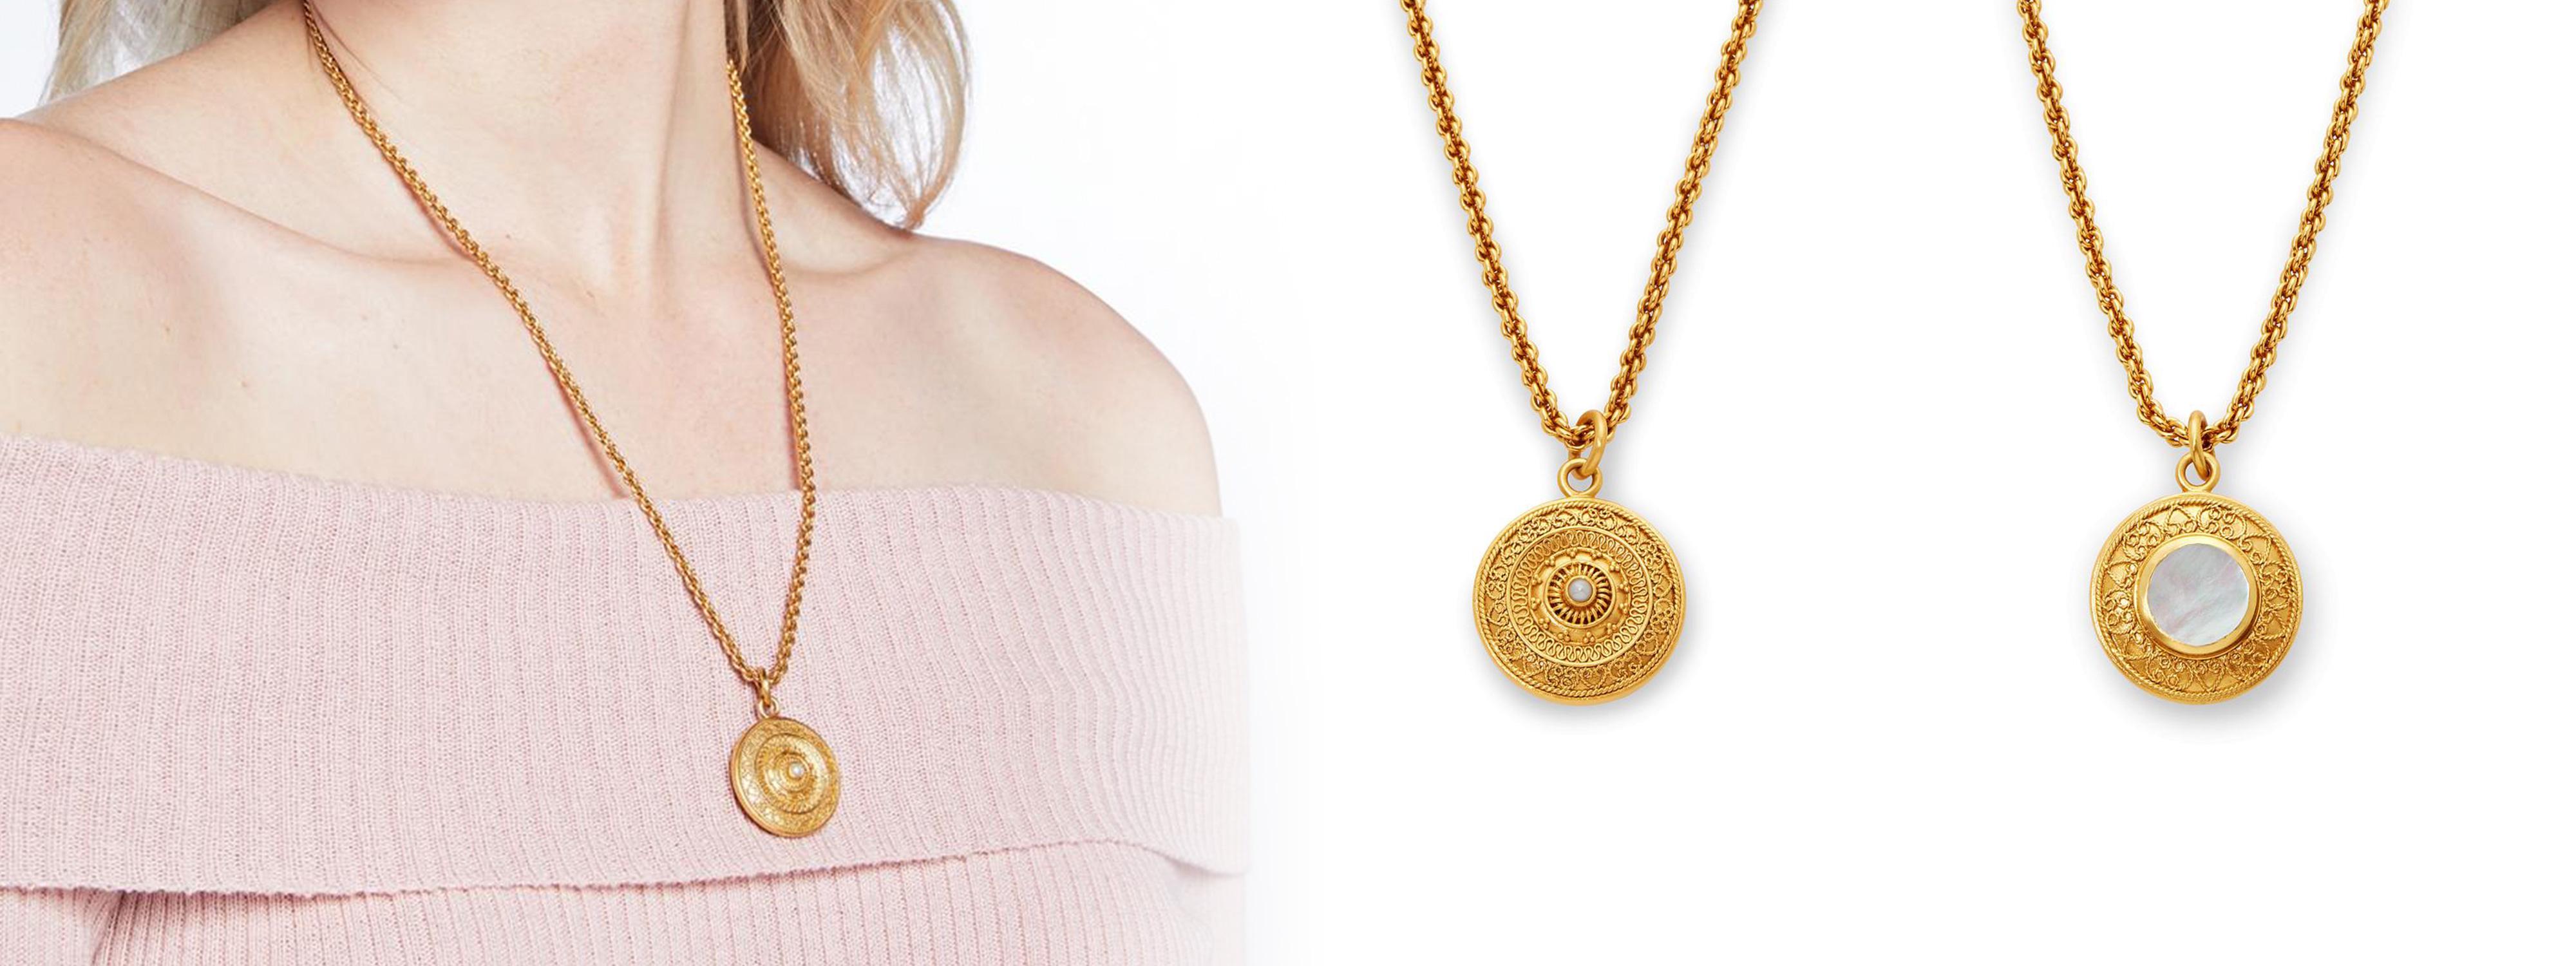 knuths-julie-vos-sofia-necklace